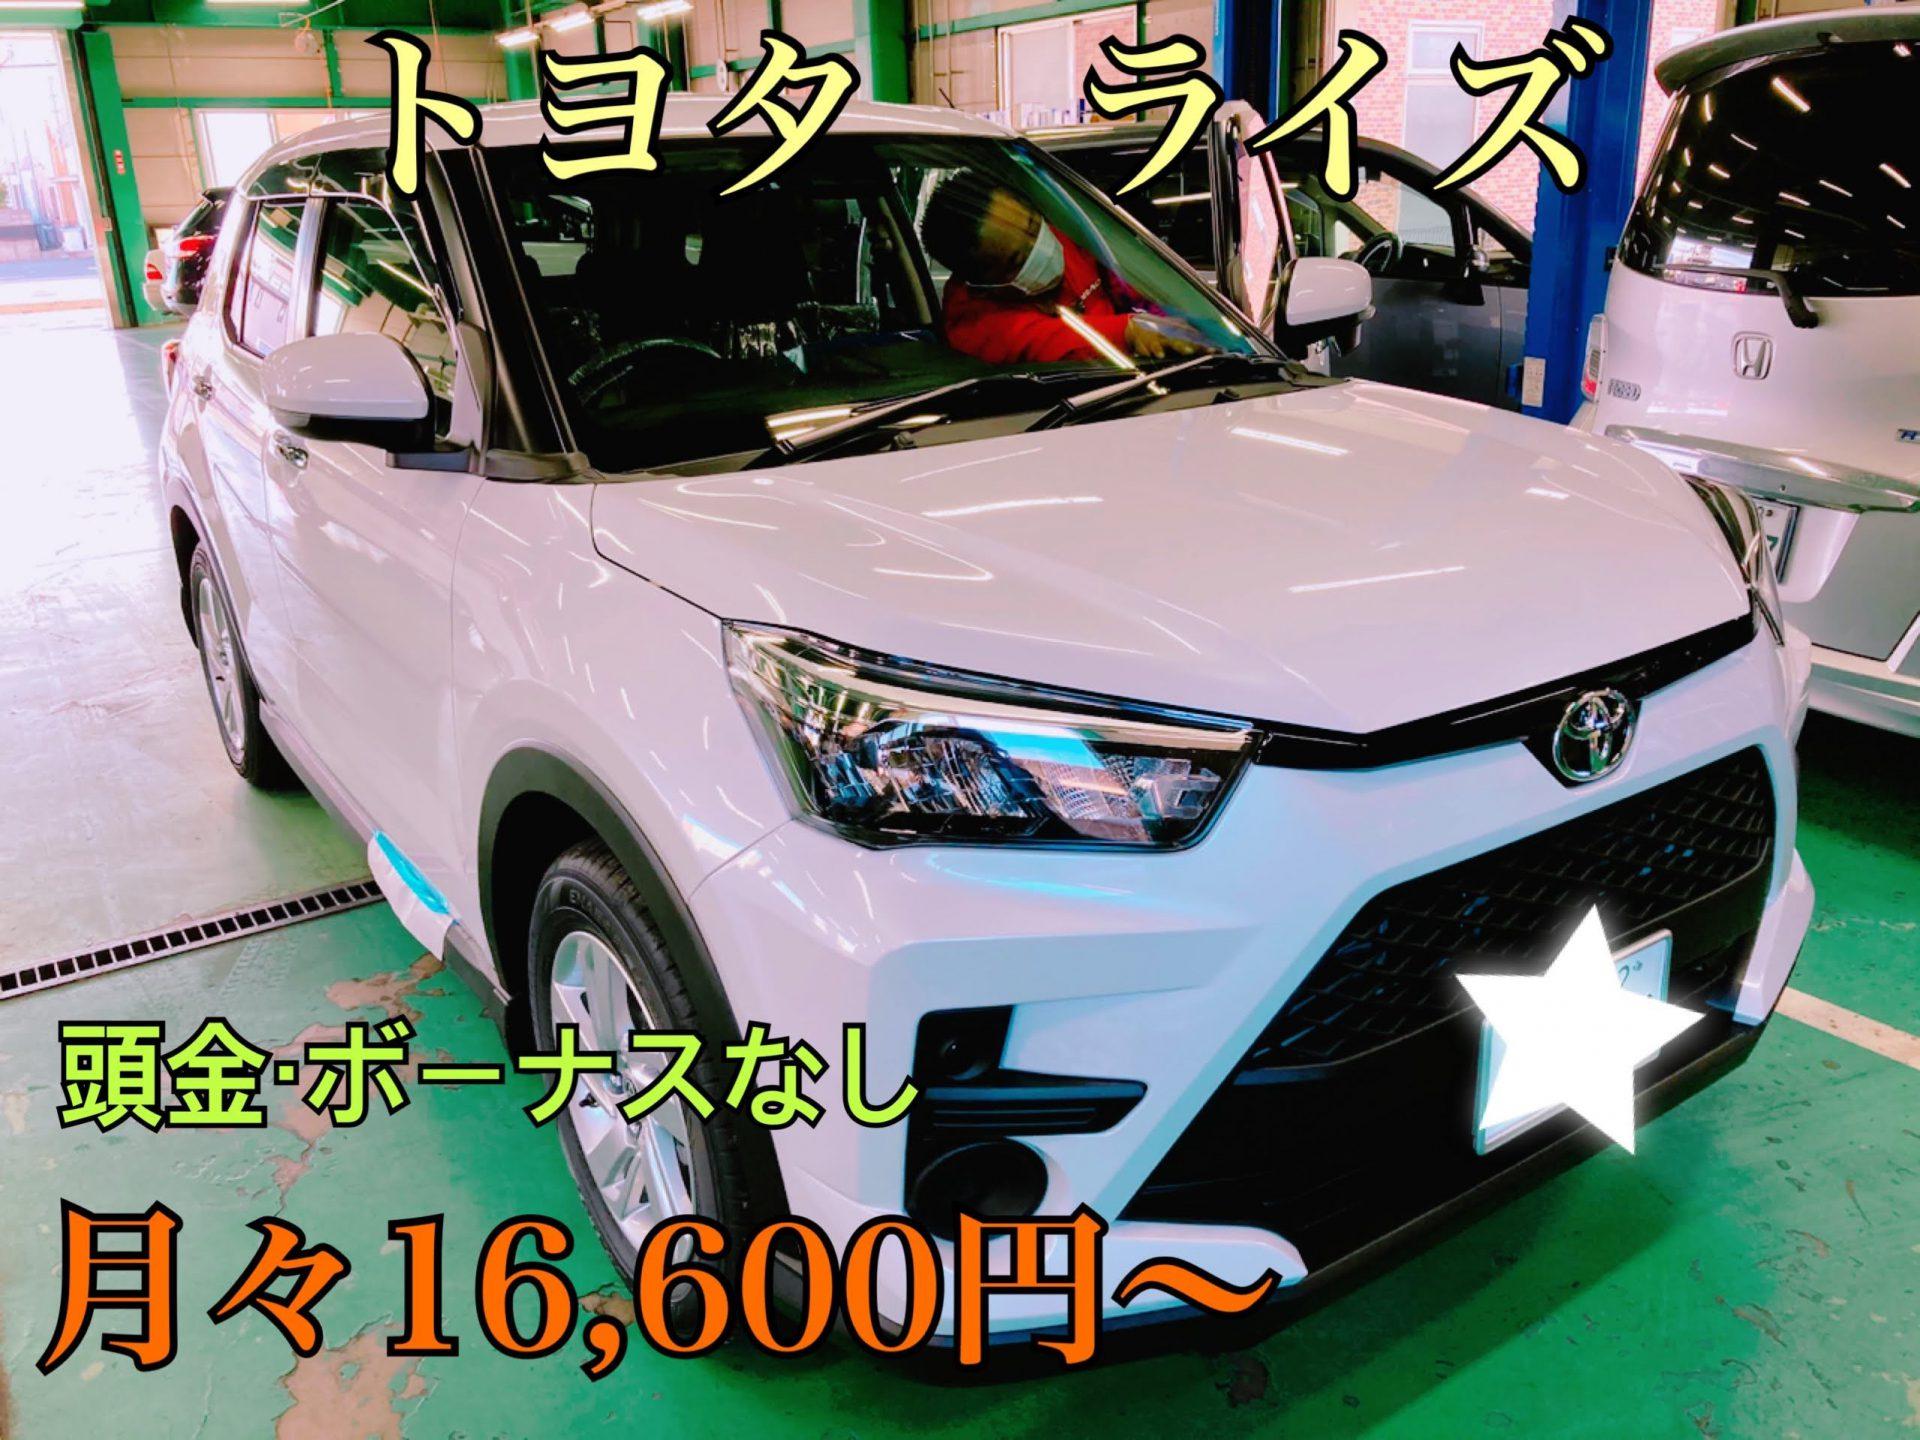 新車 ライズ 安い 岡山市